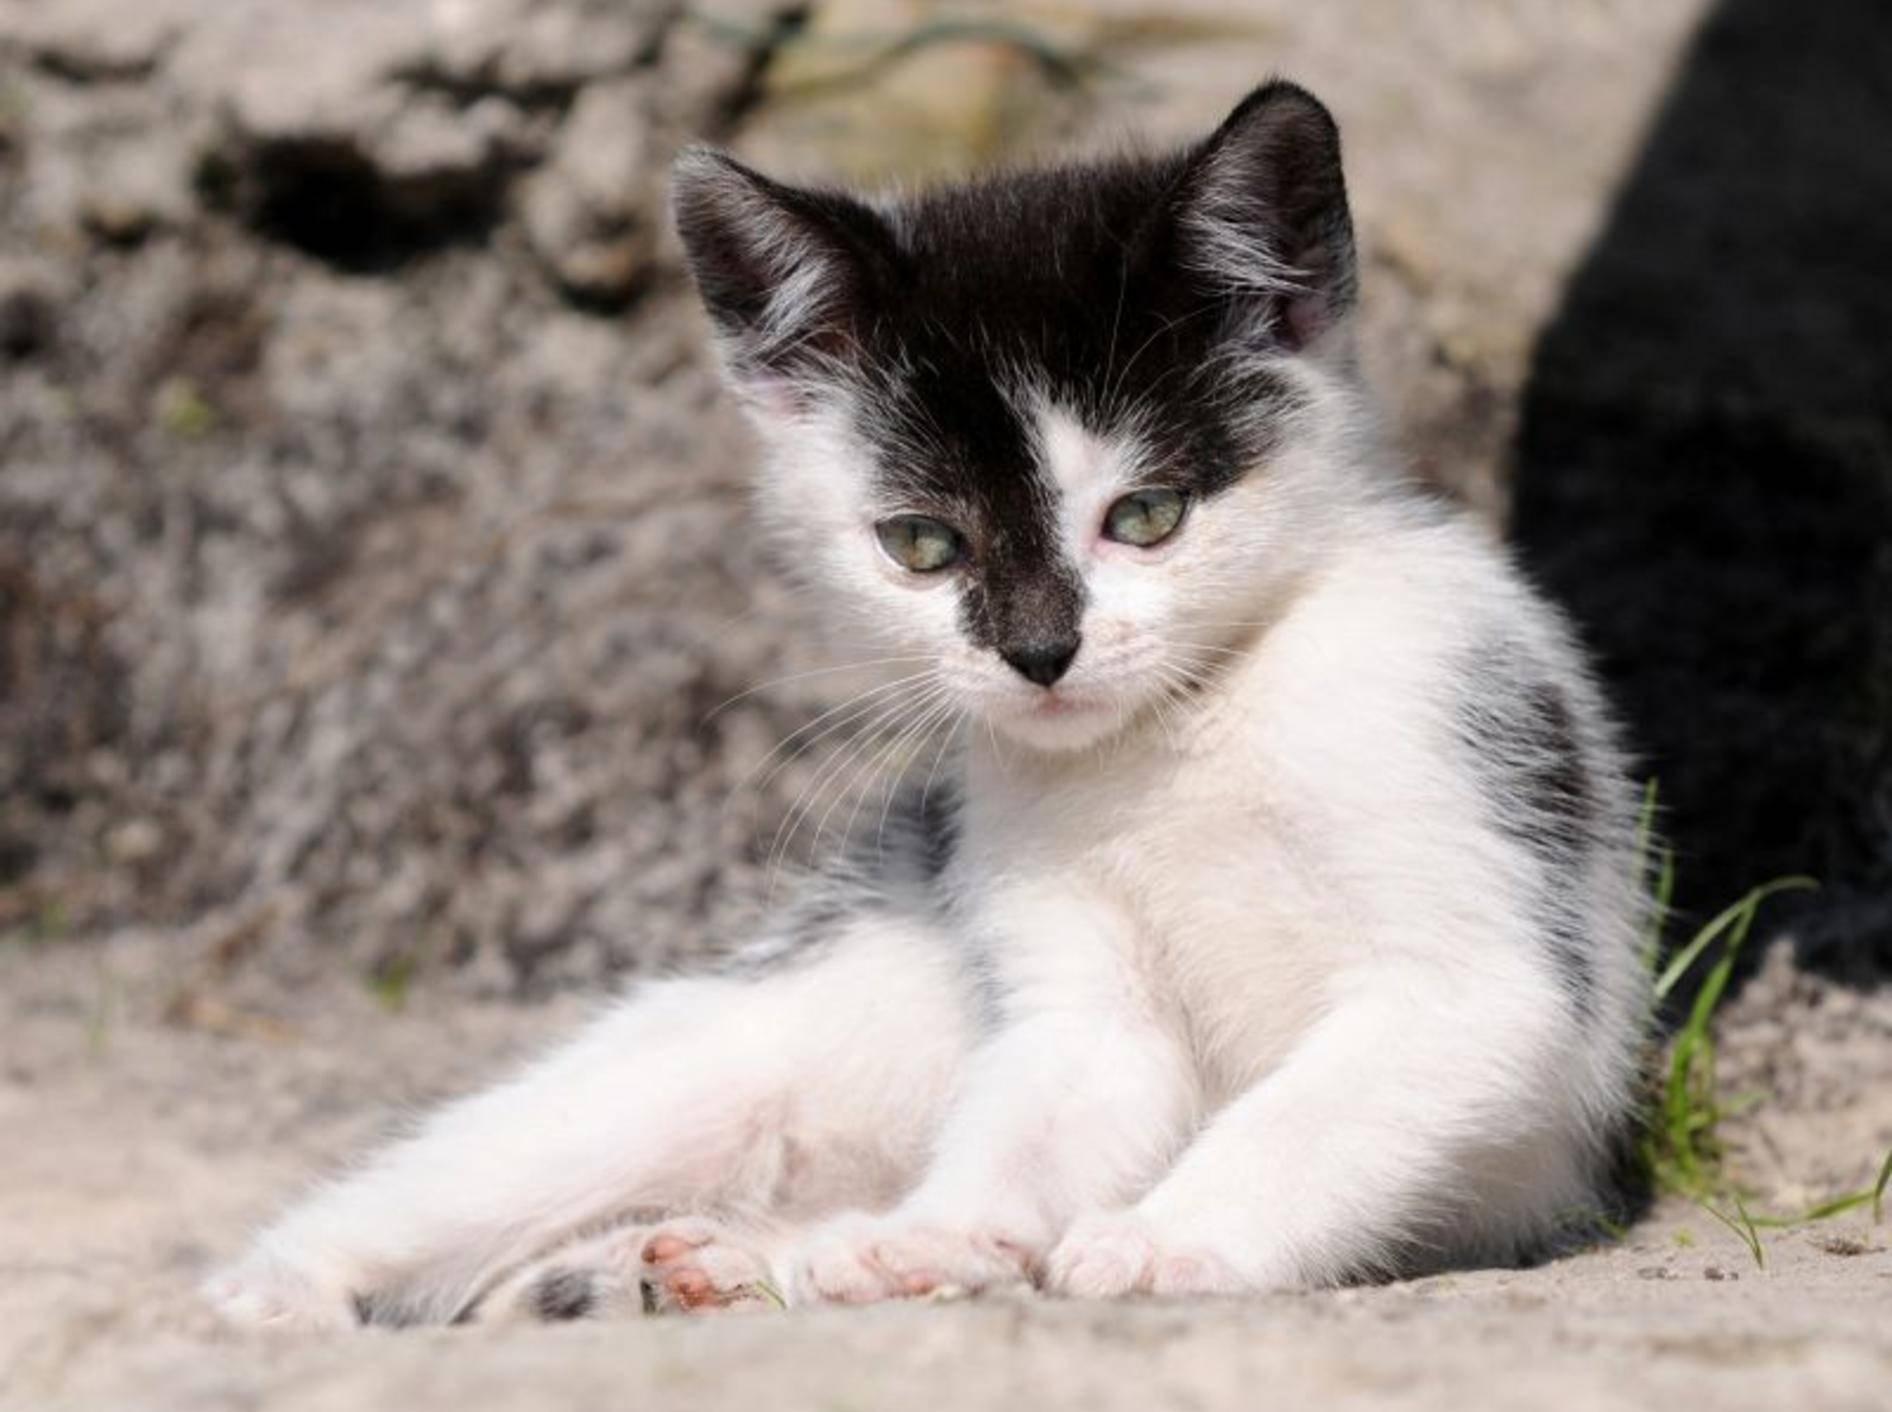 Wunderschön, so ein Kuhmuster, oder? Dieses Katzenbaby macht seinen ersten Ausflug – Bild: Shutterstock / Schubbel